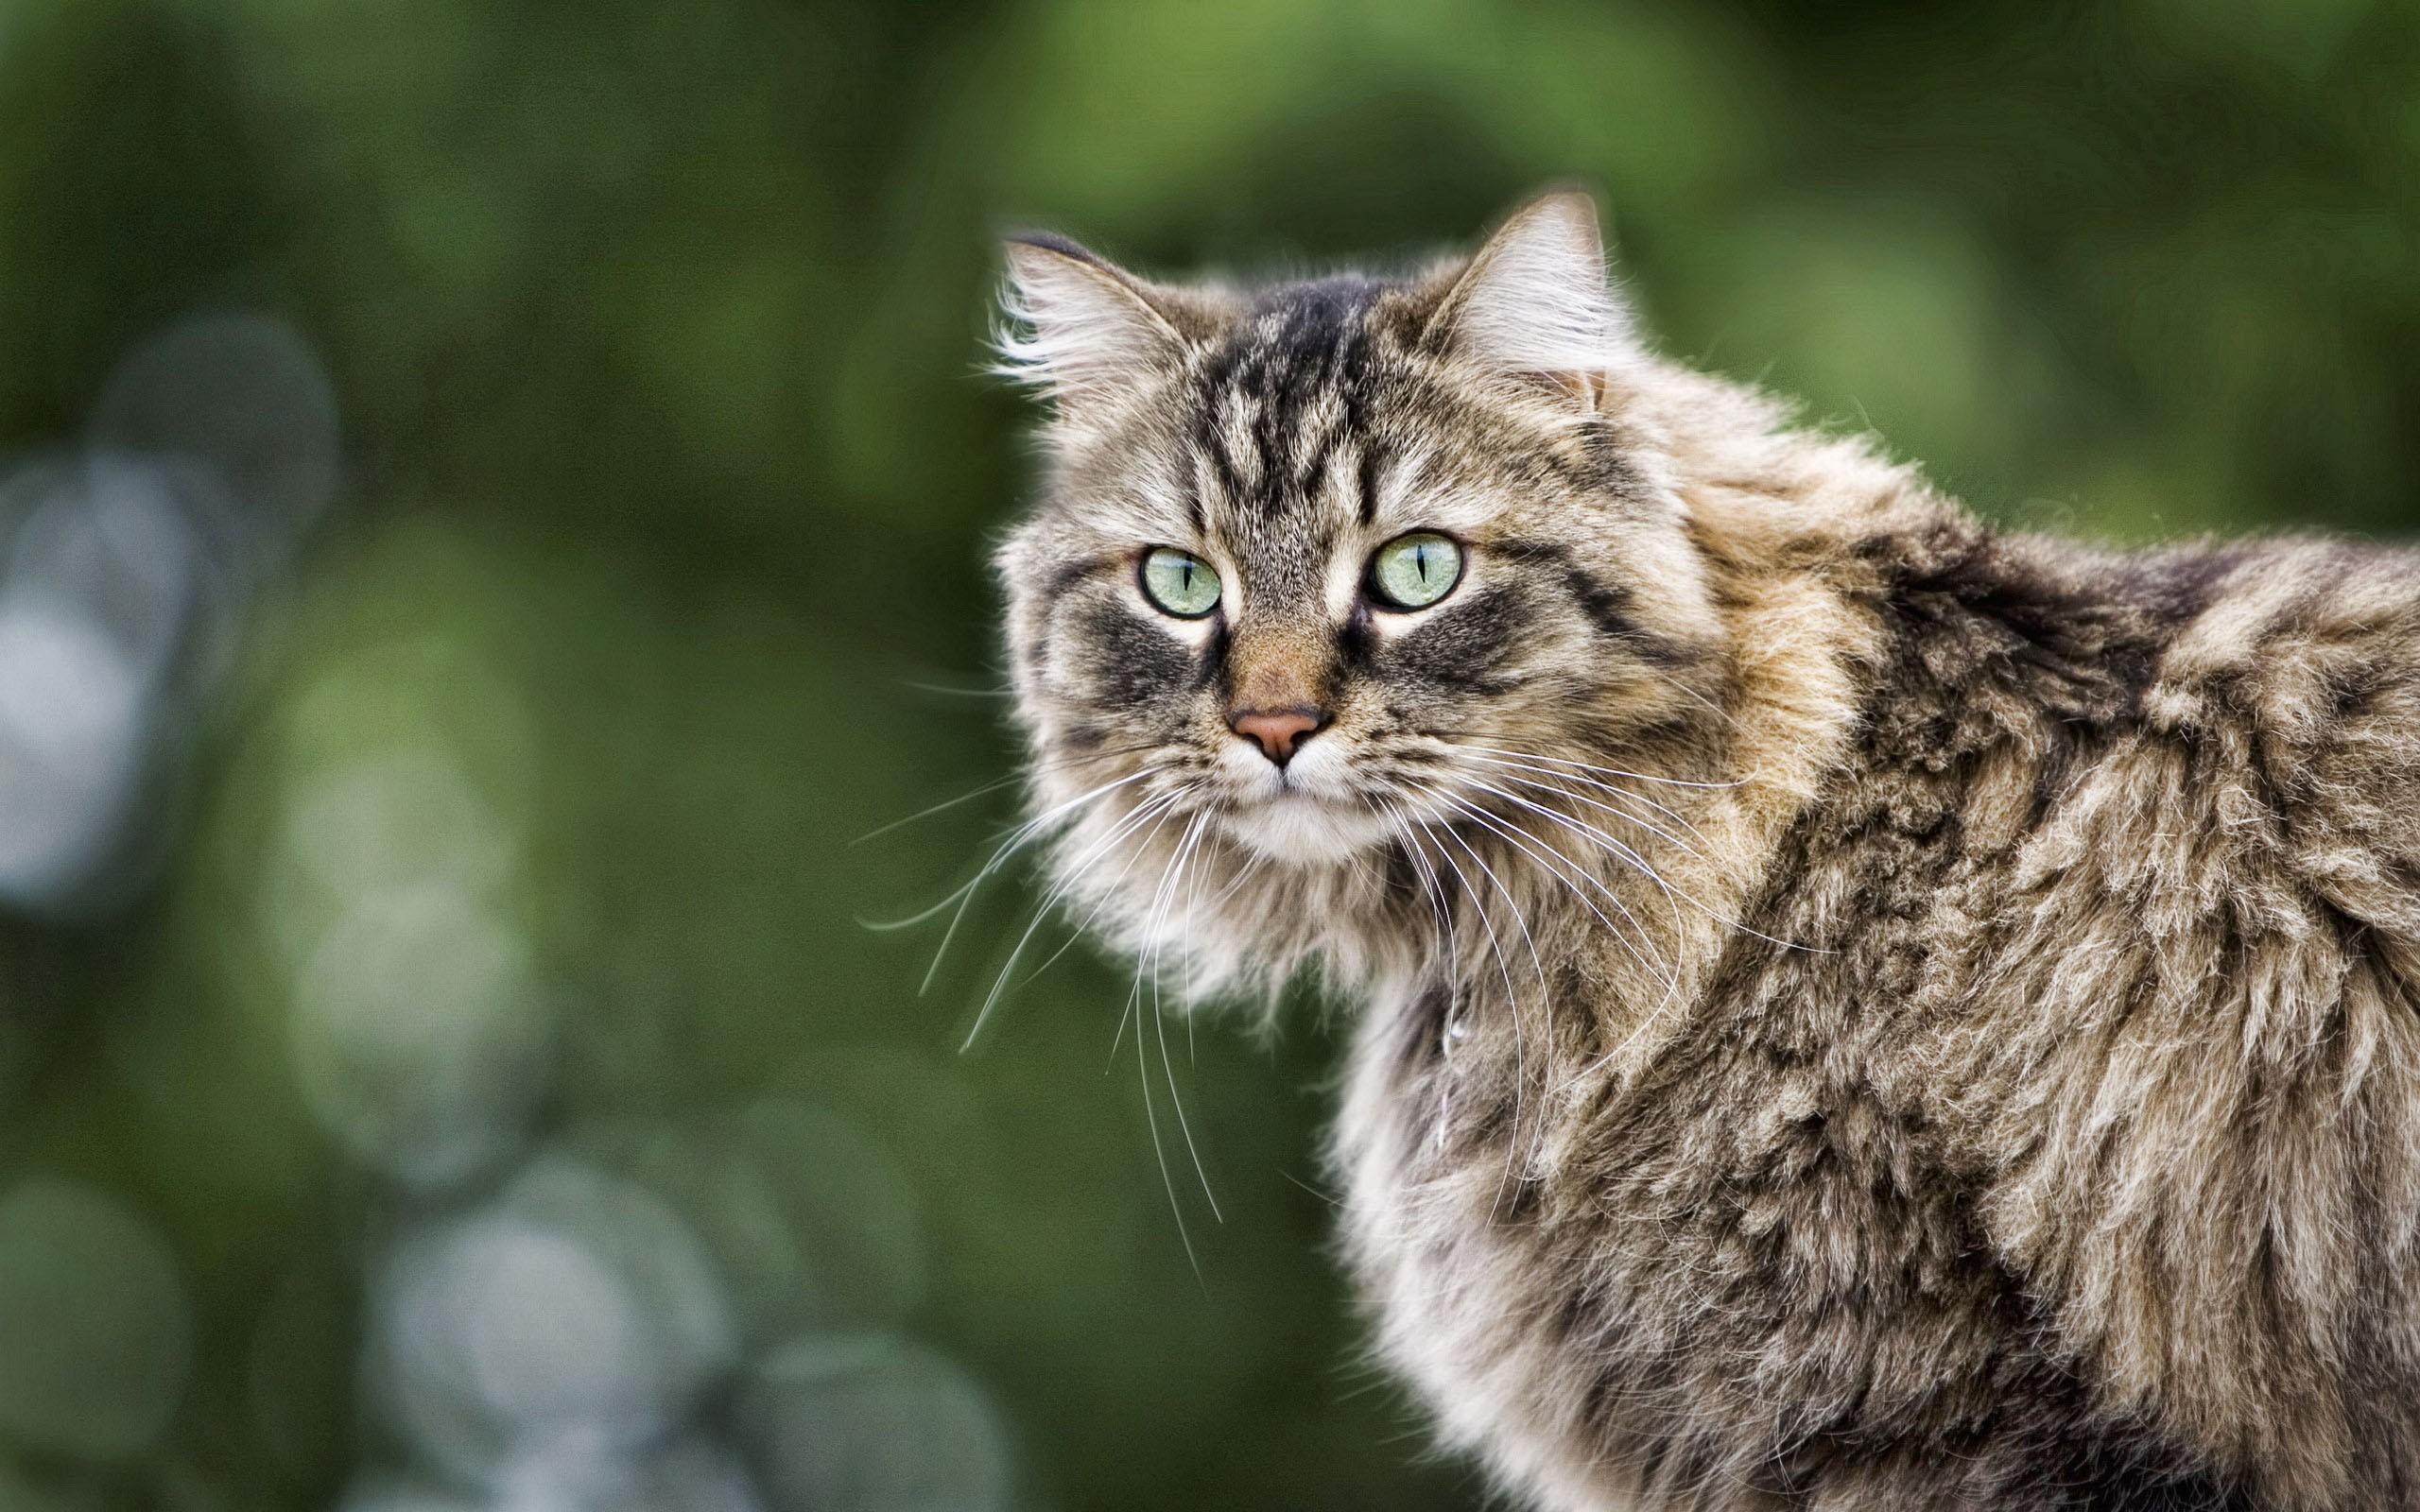 качественные фото кошек всё-таки позже сделал